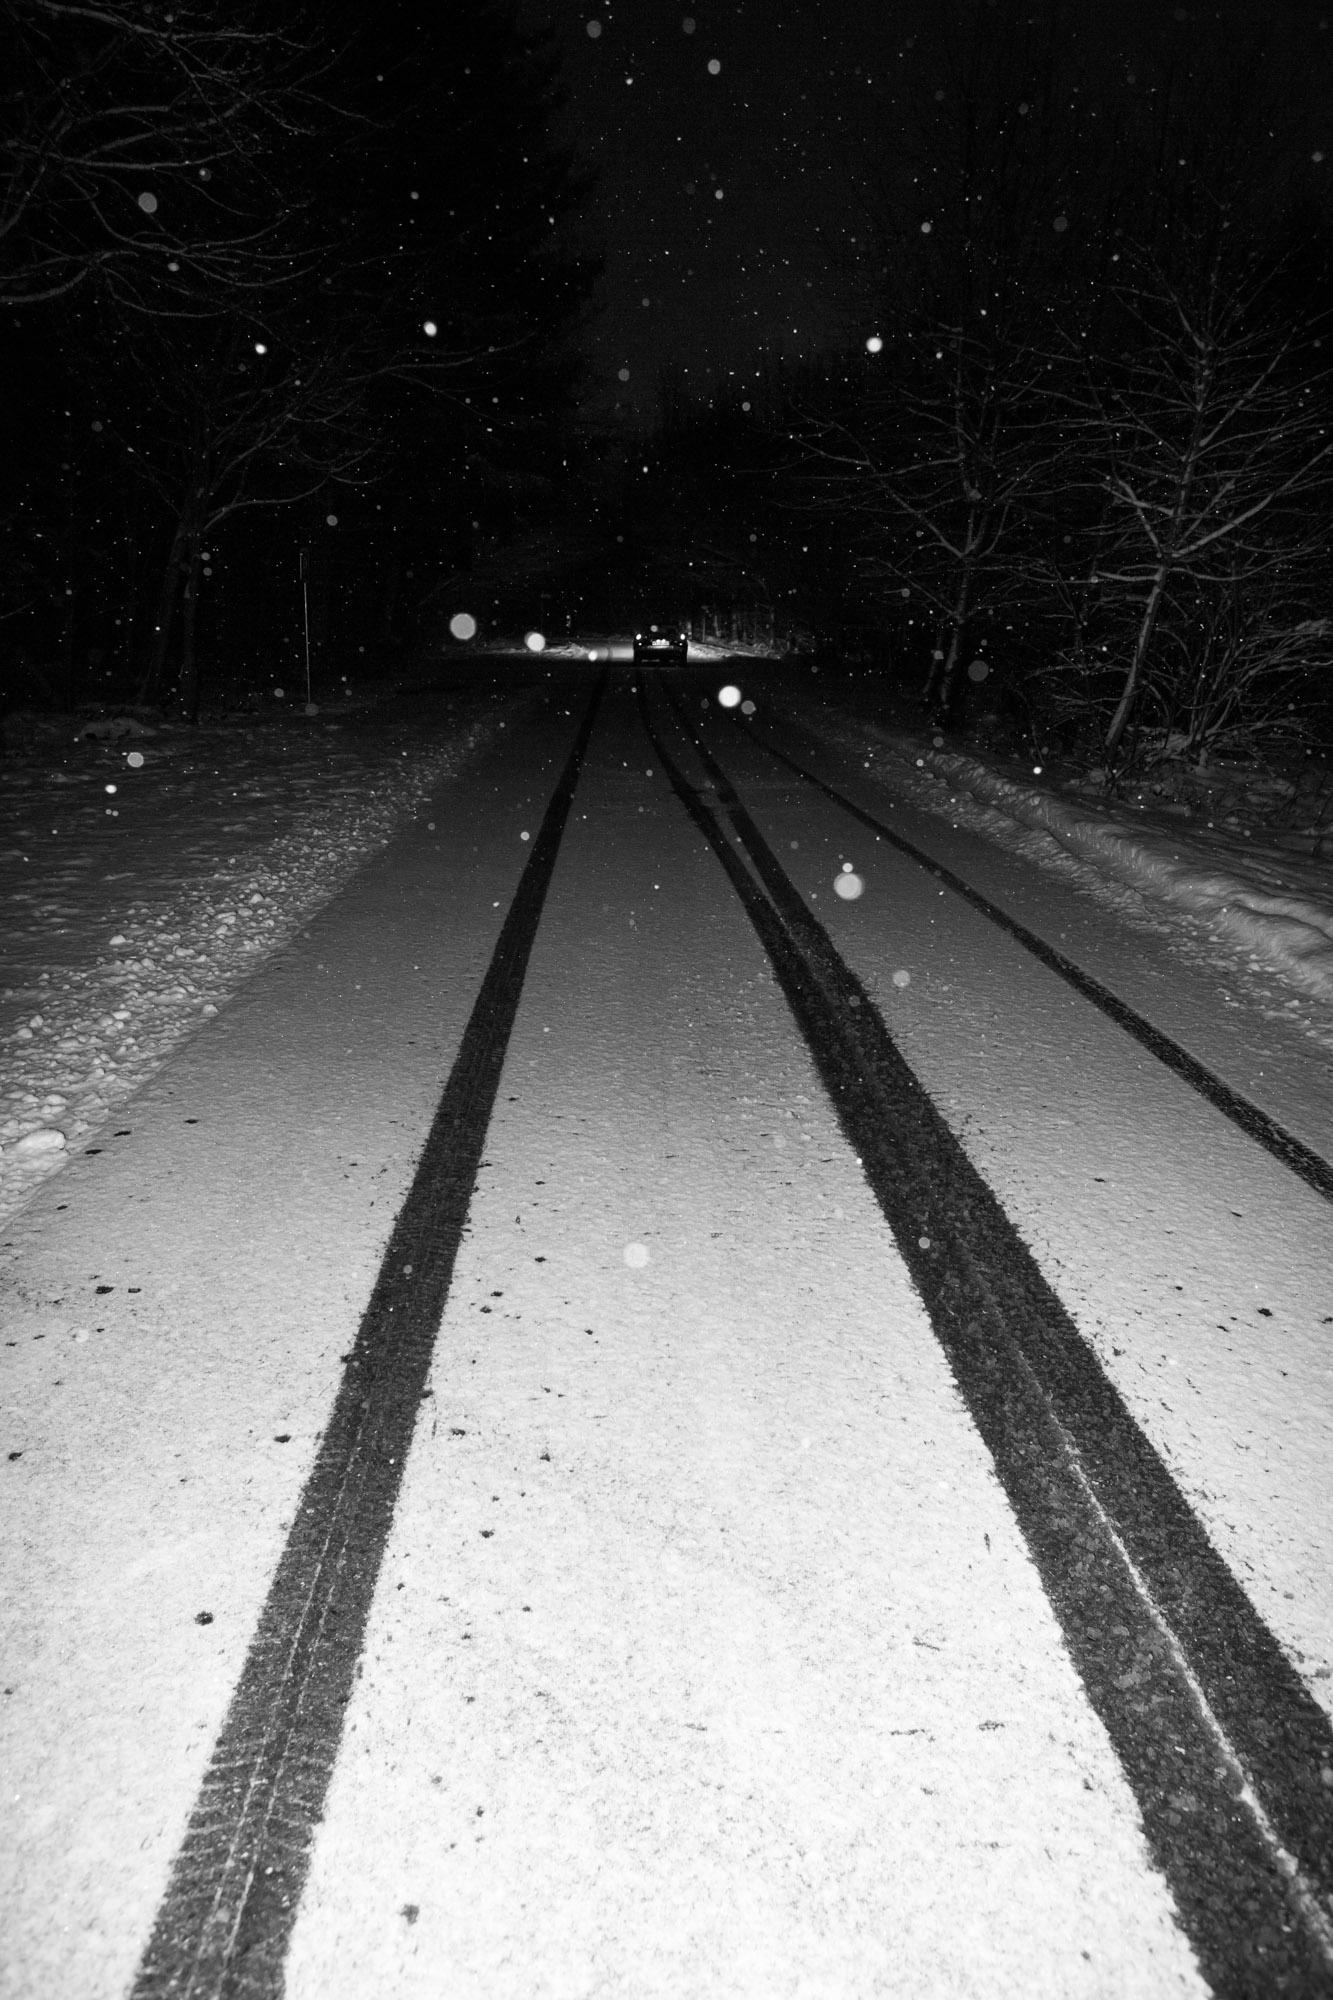 nouveau-monde-fribourg-suisse-photographe-pierre-yves-massot-5.jpg